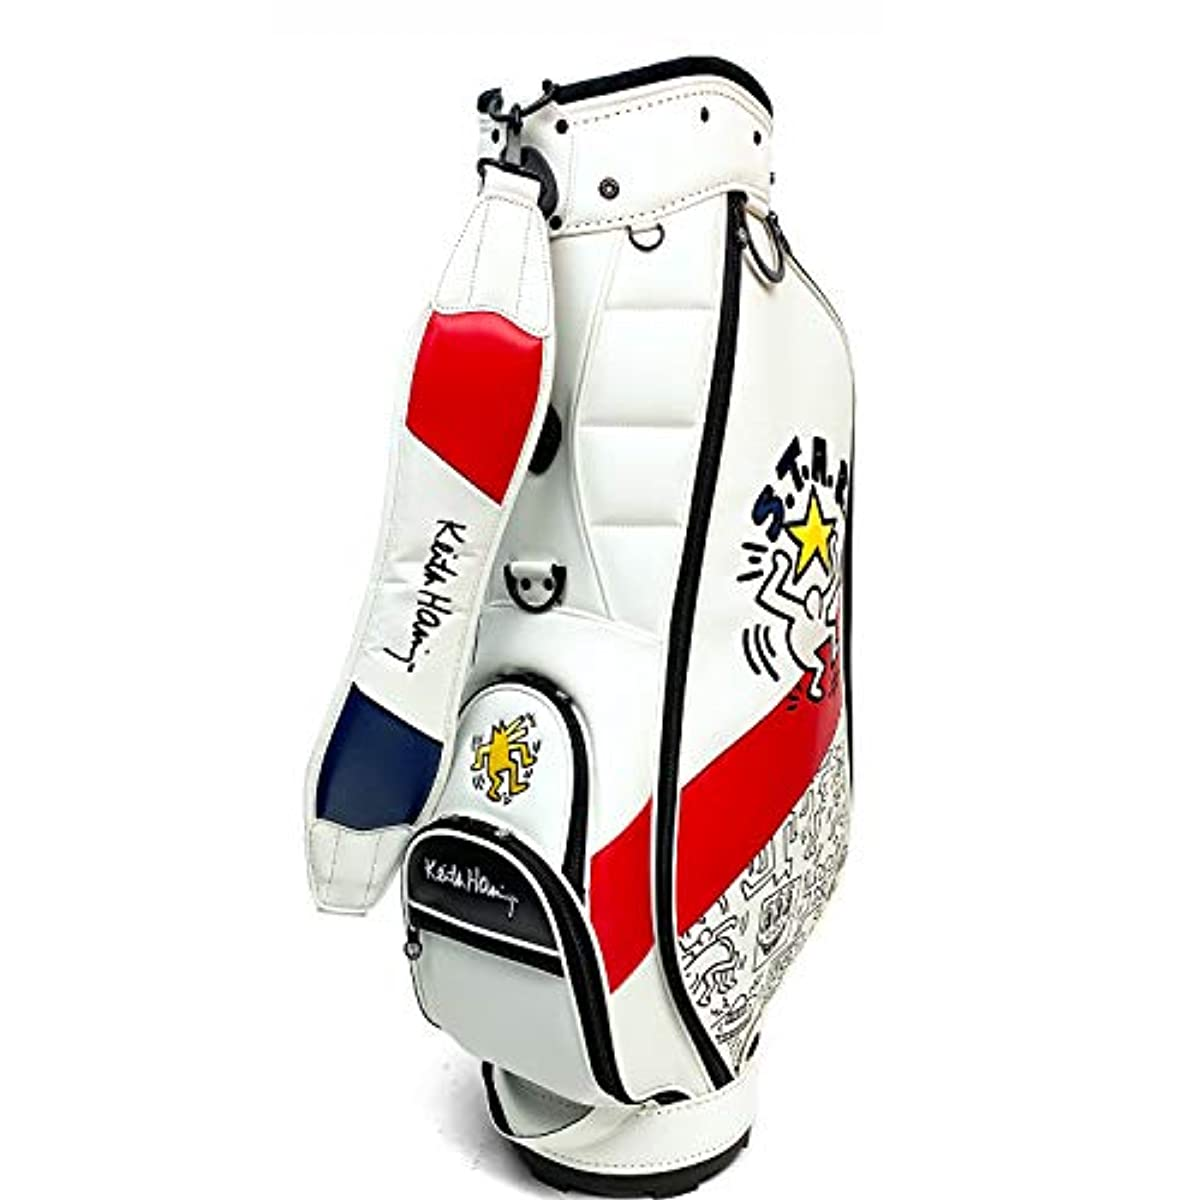 [해외] 키스해링 골프 카트 캐디백 AMERICAN FLAG × PATTERN 화이트 9인치(47인치 대응) KHCB-06